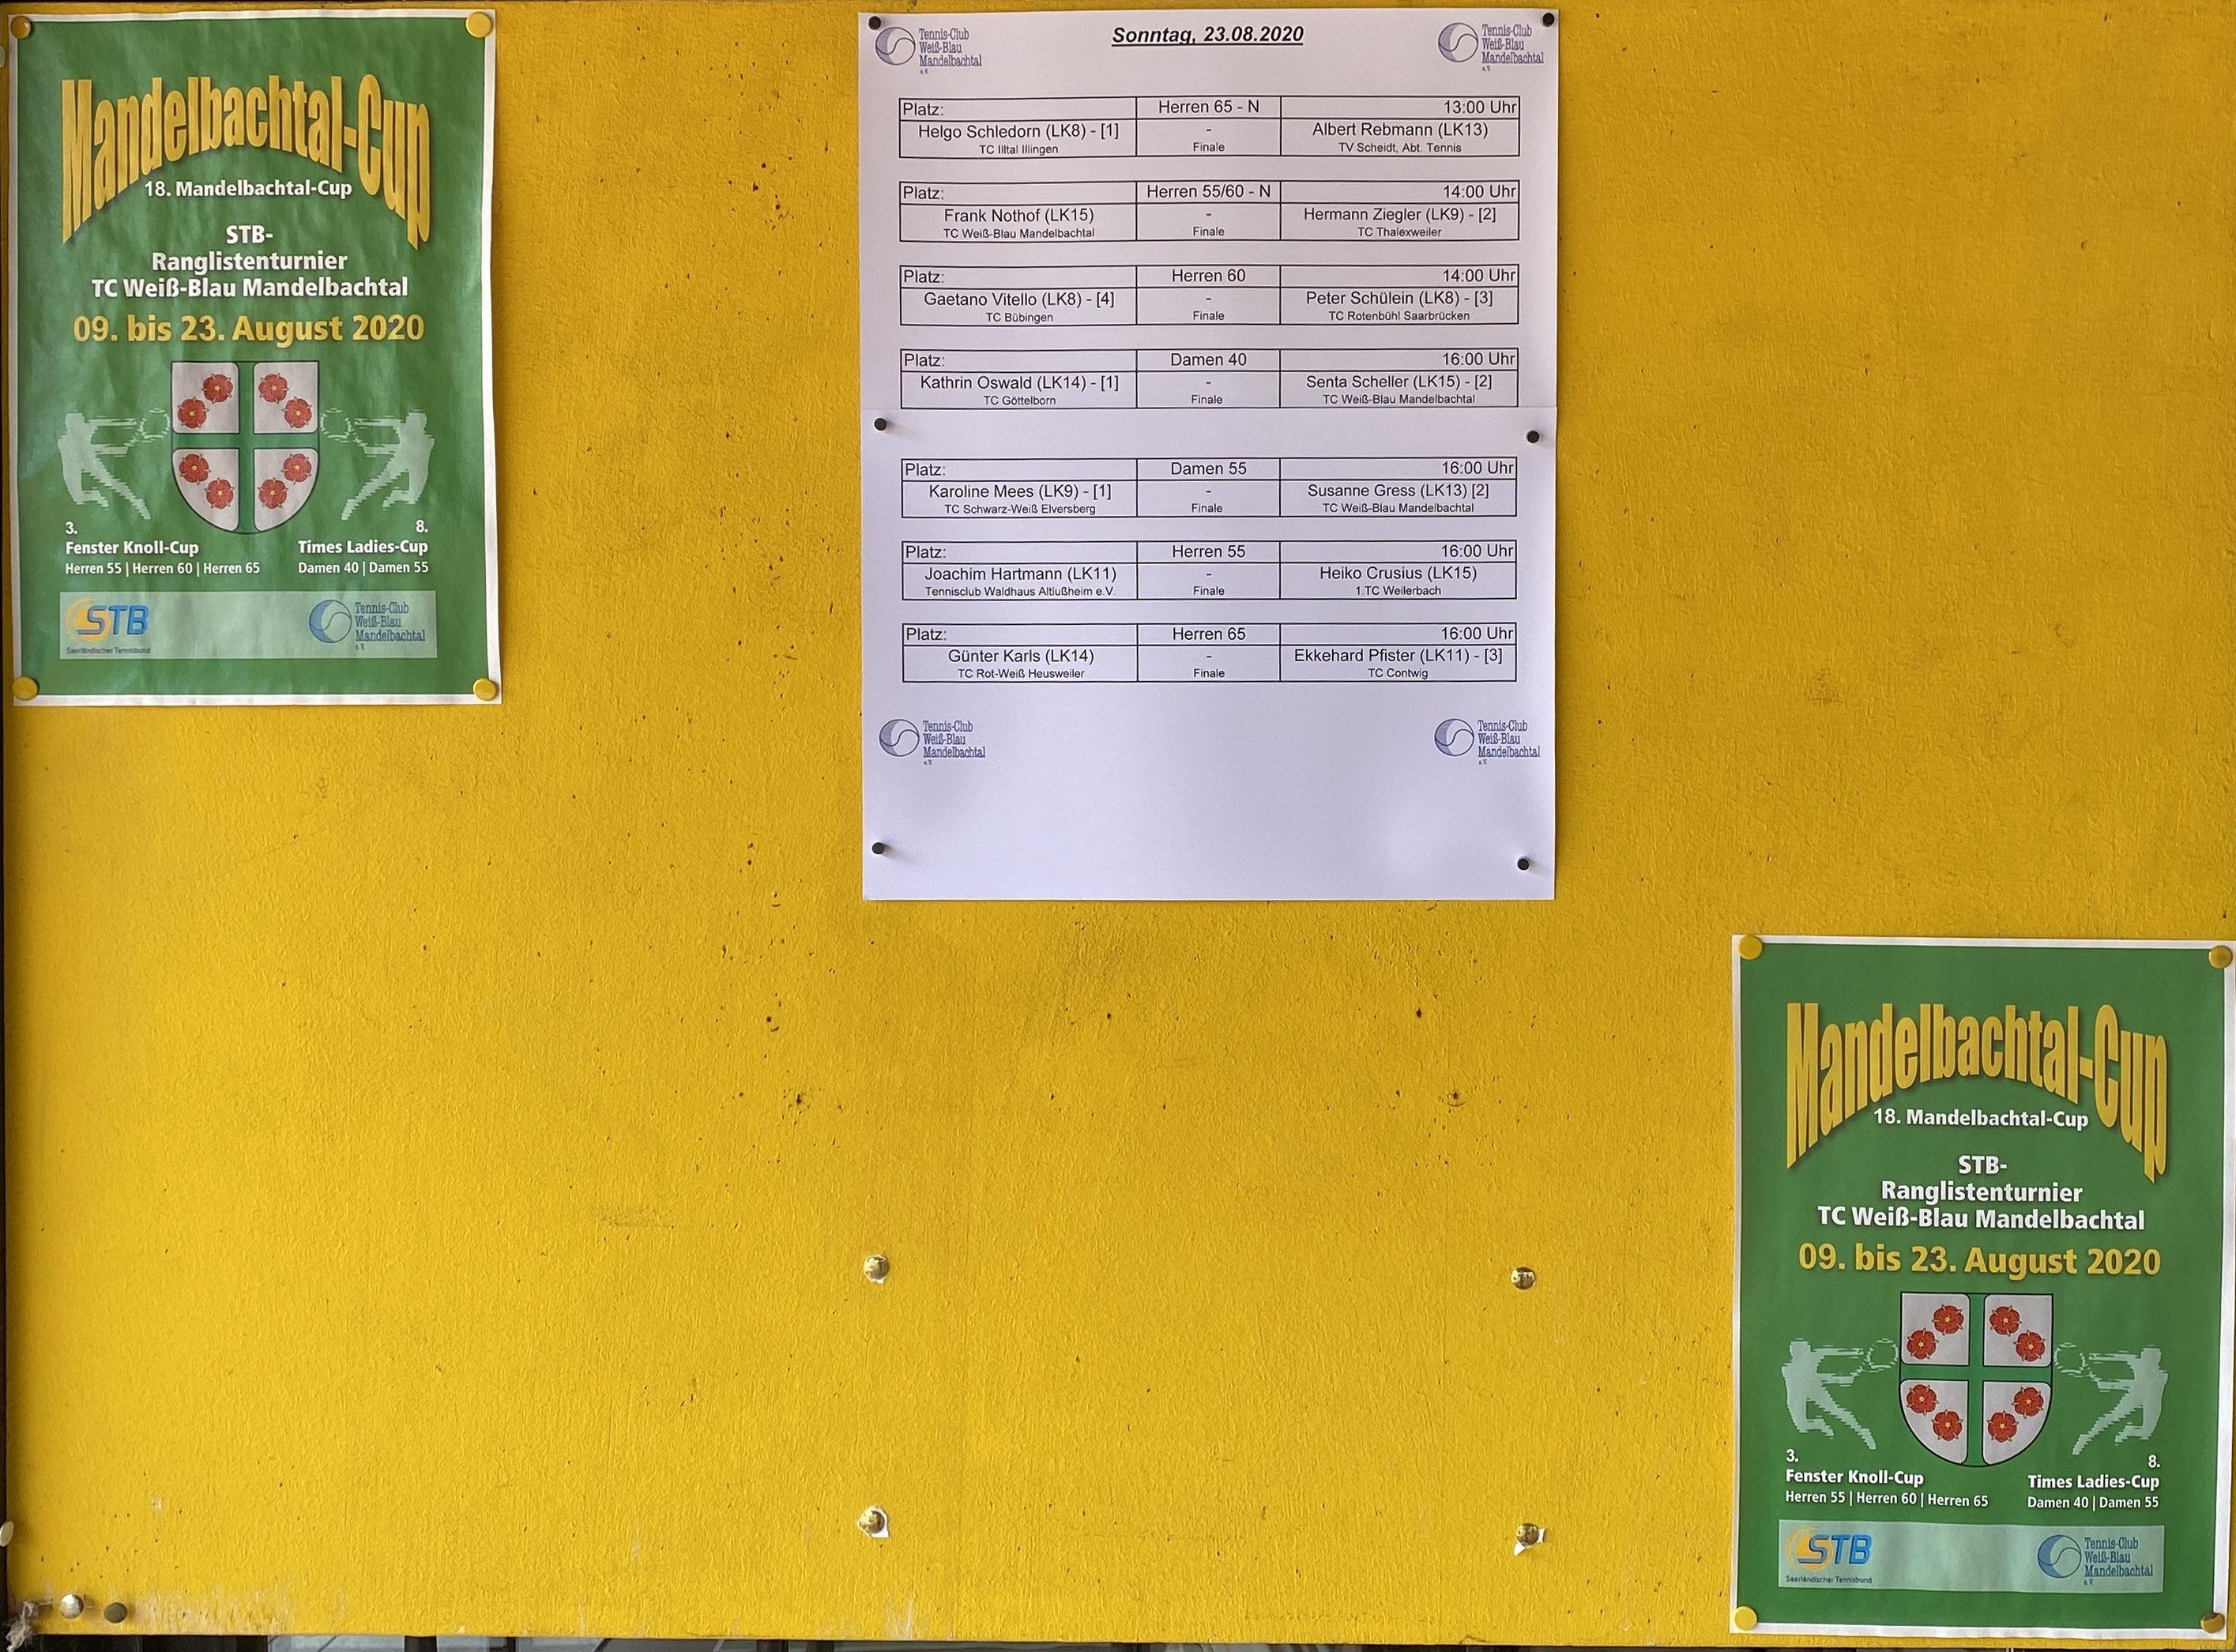 18.-Mandelbachtal-Cup-2020-81